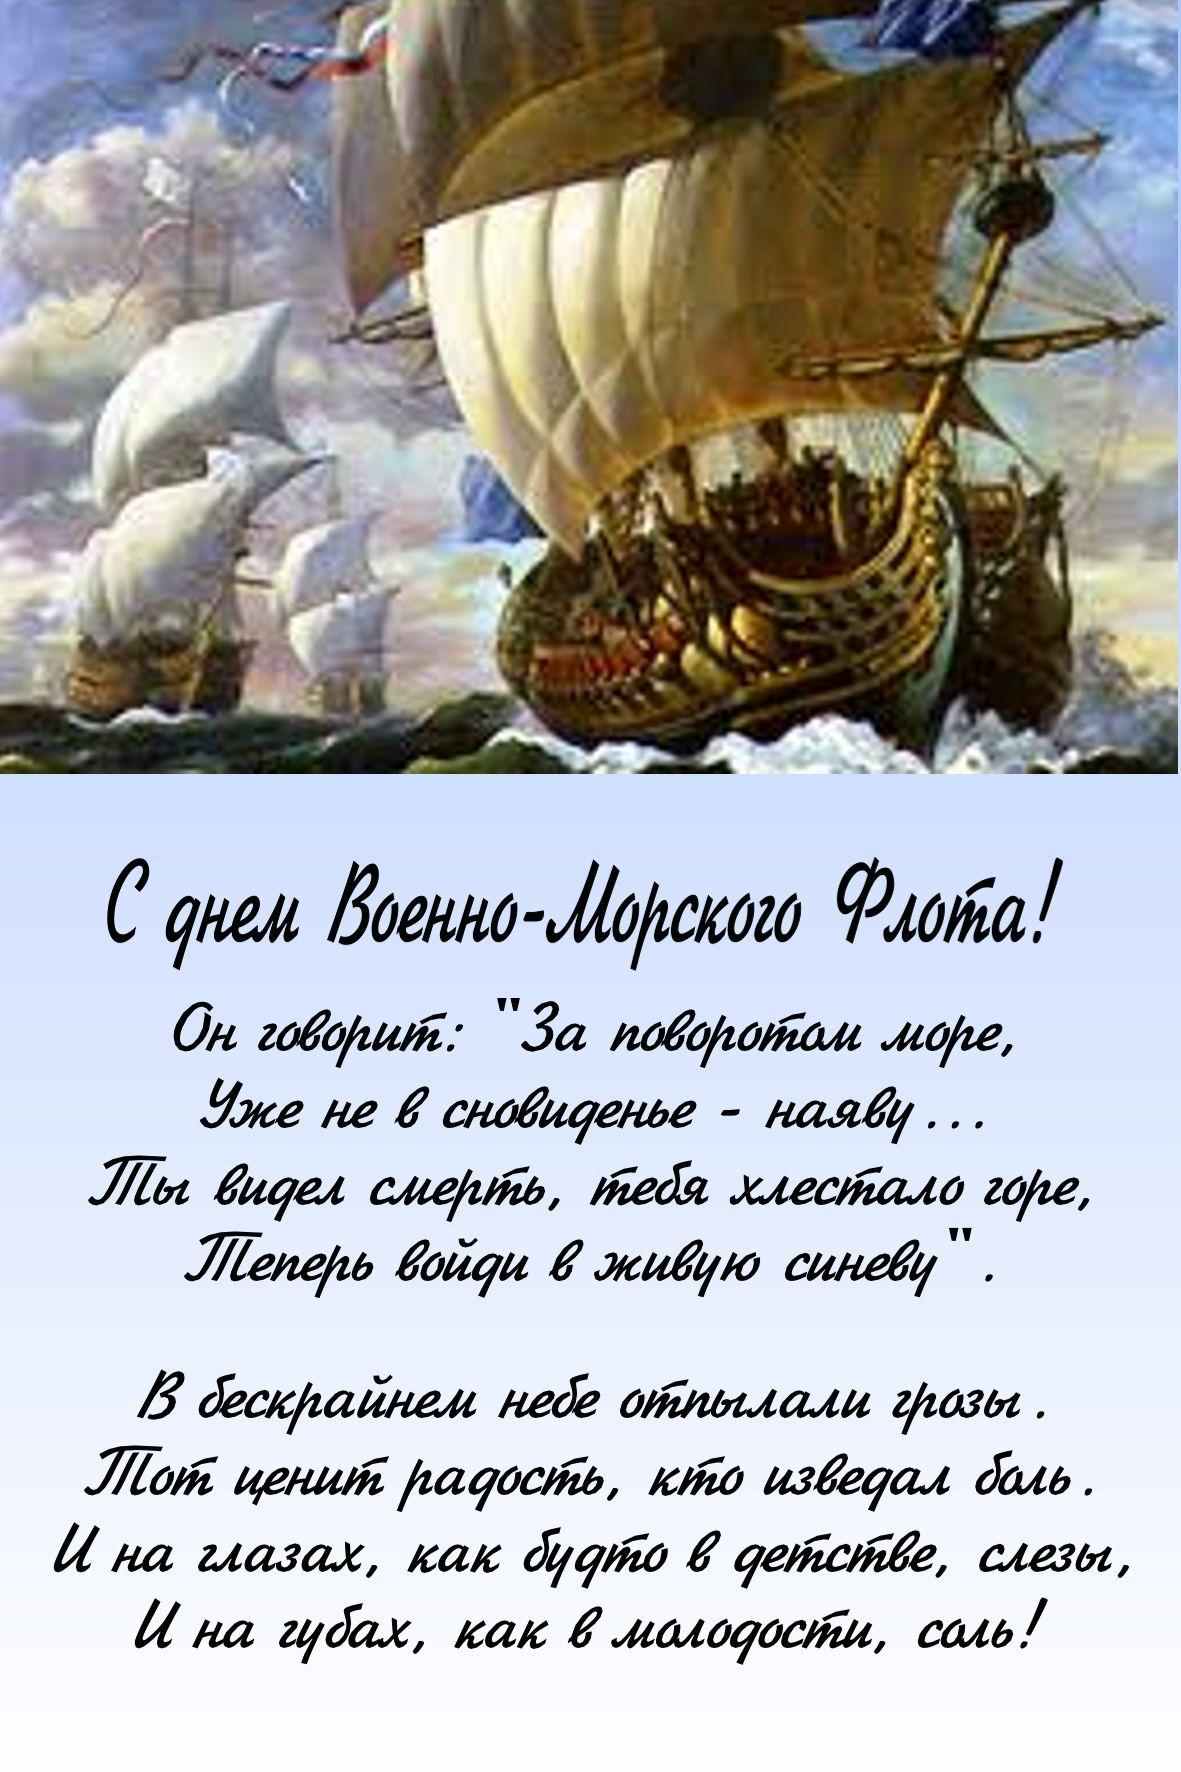 Днем, с днем военно морского флота картинки поздравления стихи